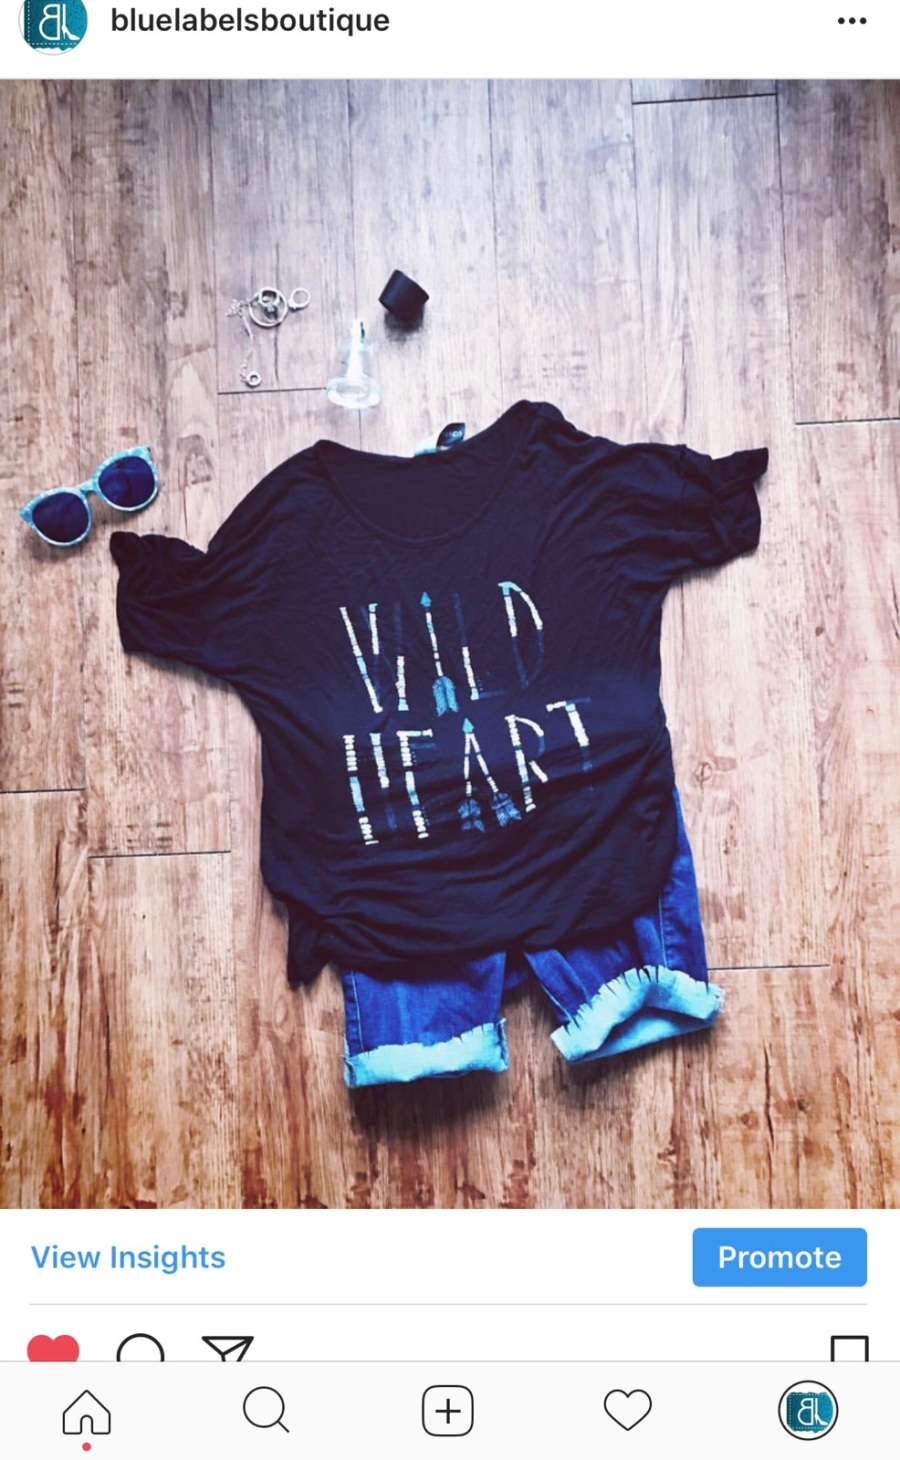 denim cutoffs, tees, sunglasses, blue labels boutique